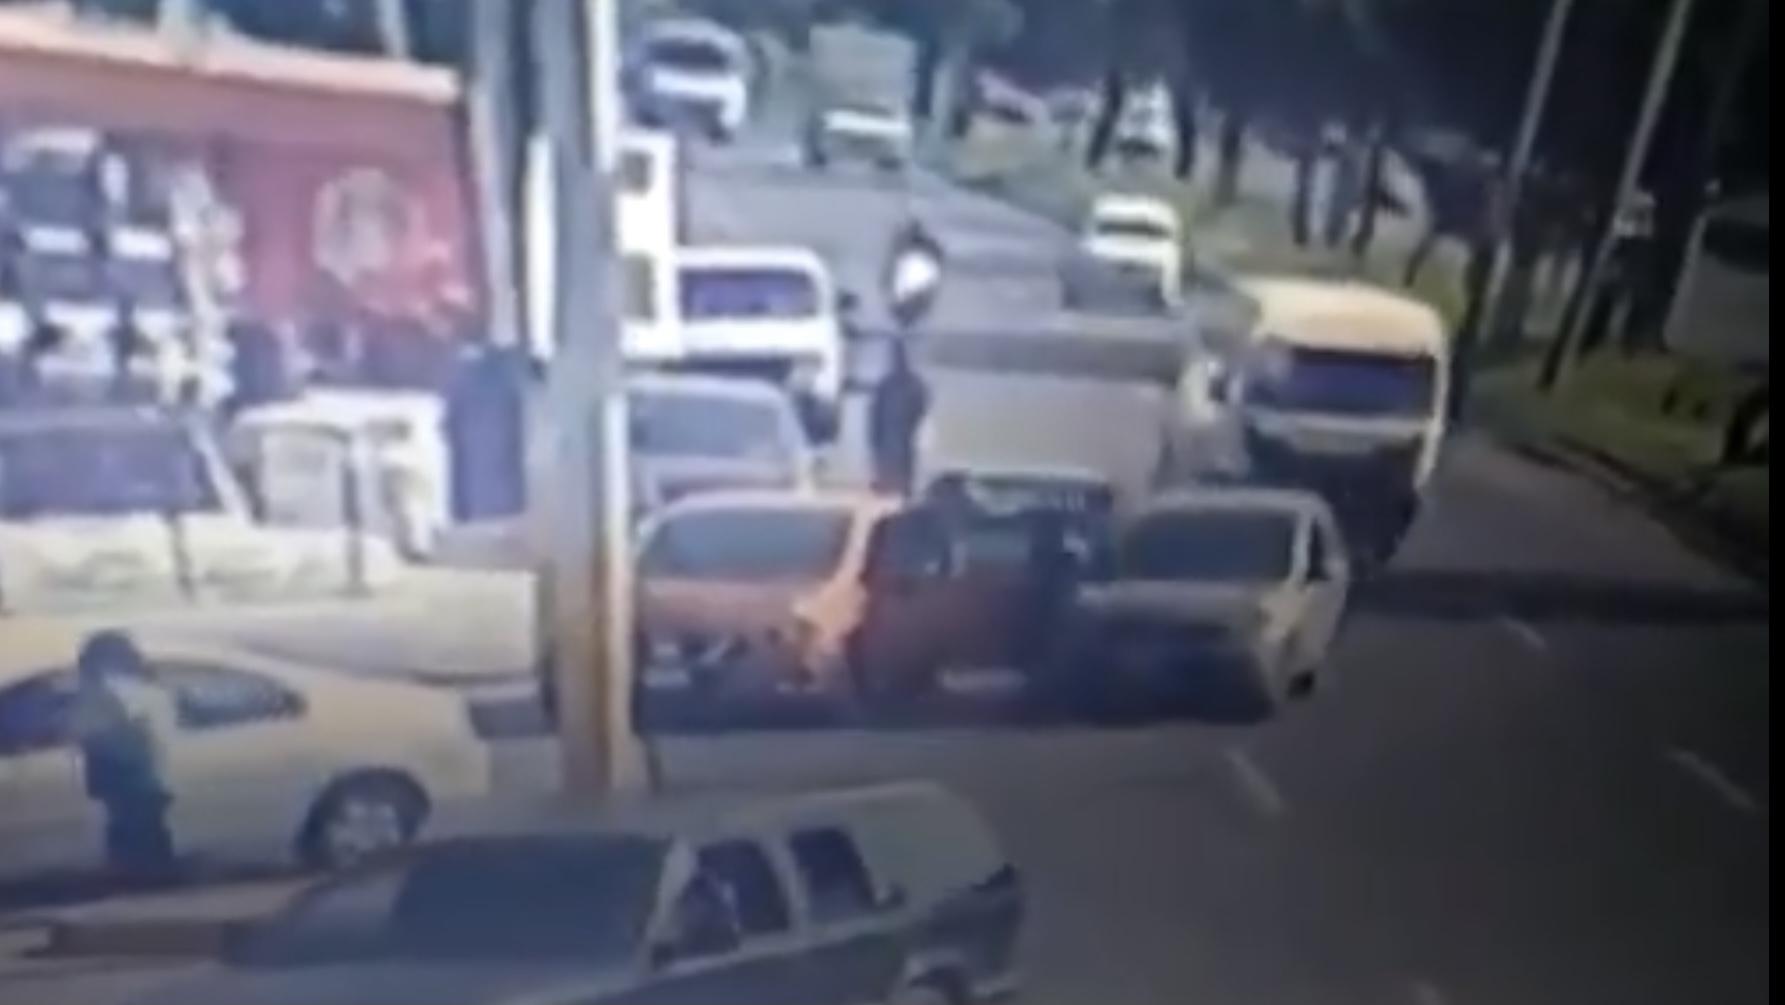 #VIDEO Justiciero de Ecatepec atropella a asaltante y le dan golpiza